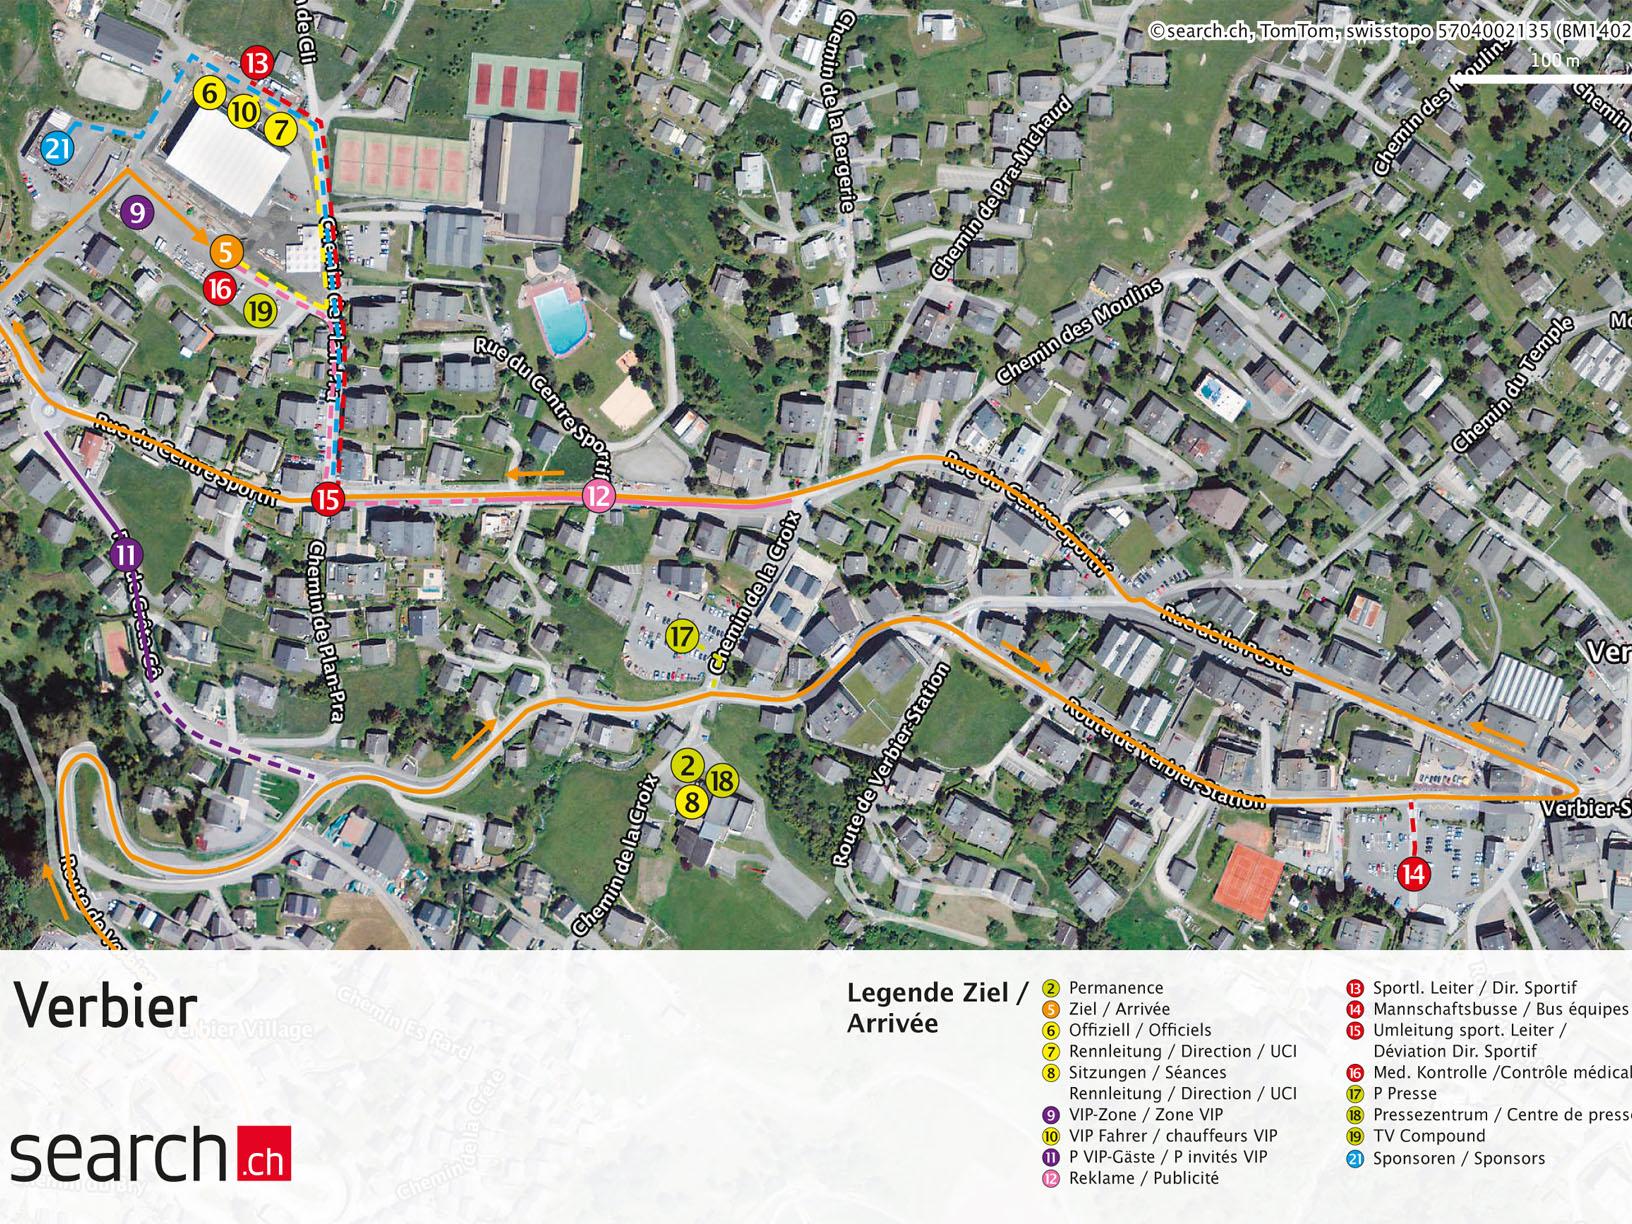 Finish Verbier - Tour de Suisse 2014